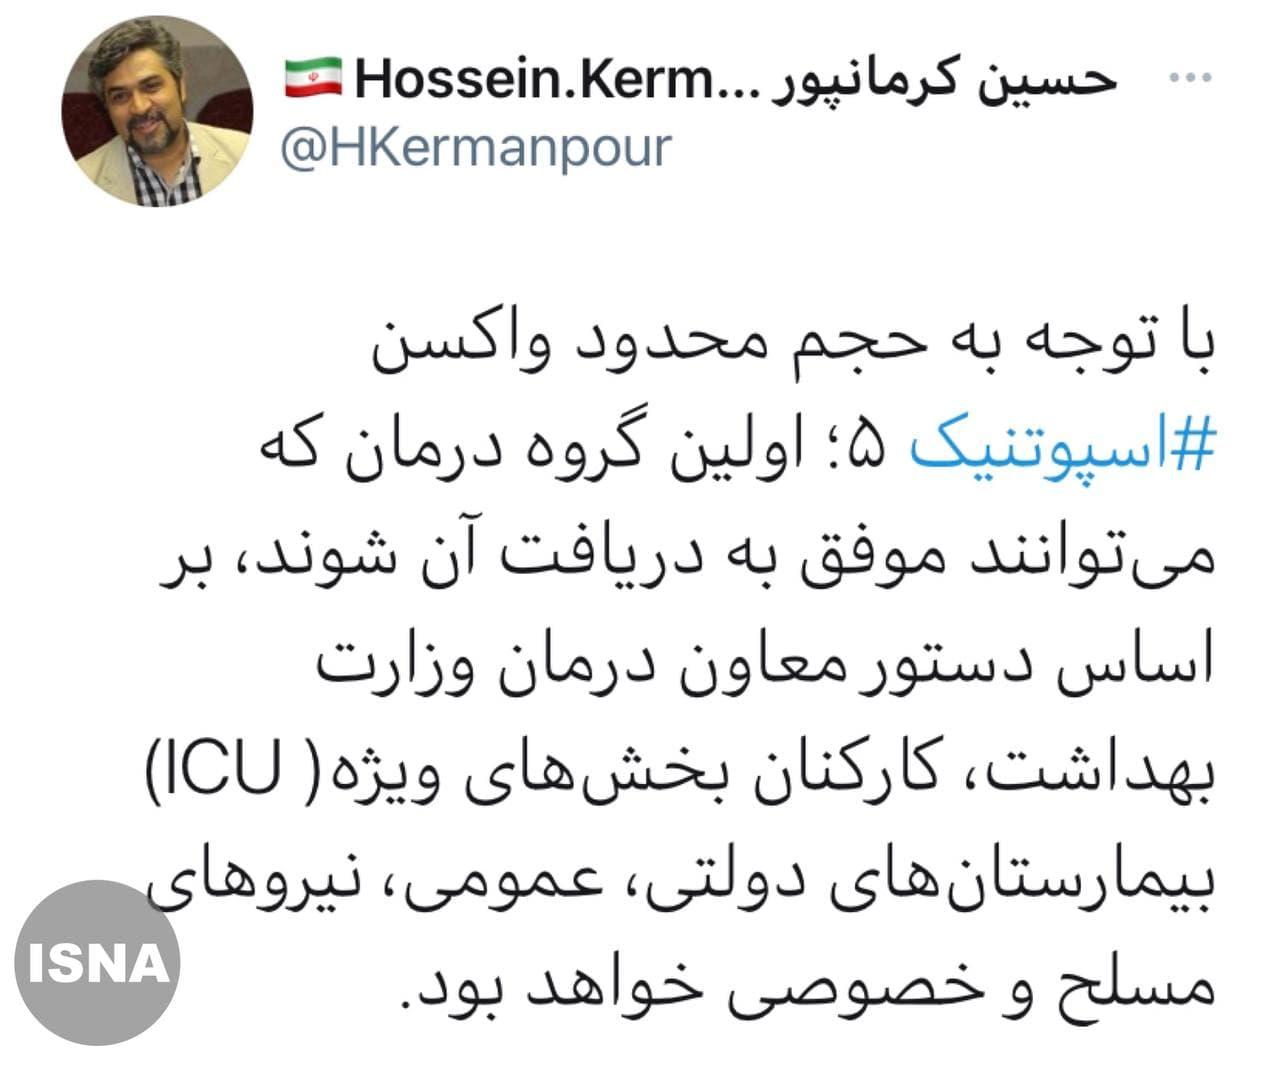 گروه نخست دریافتکننده واکسن کرونا در ایران مشخص شد